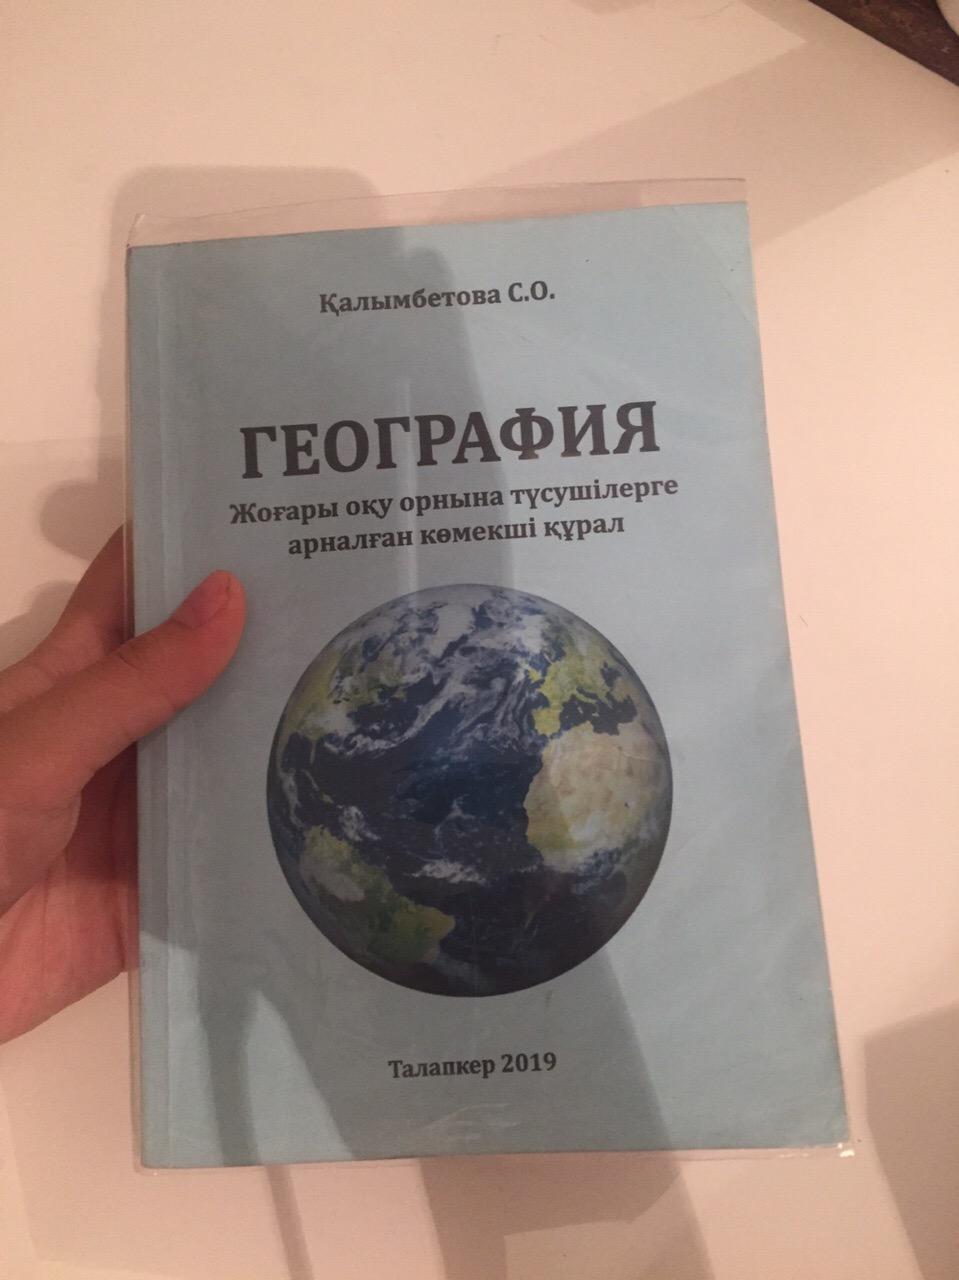 География-4k Oxford essential Dictionary-забыла за сколько к